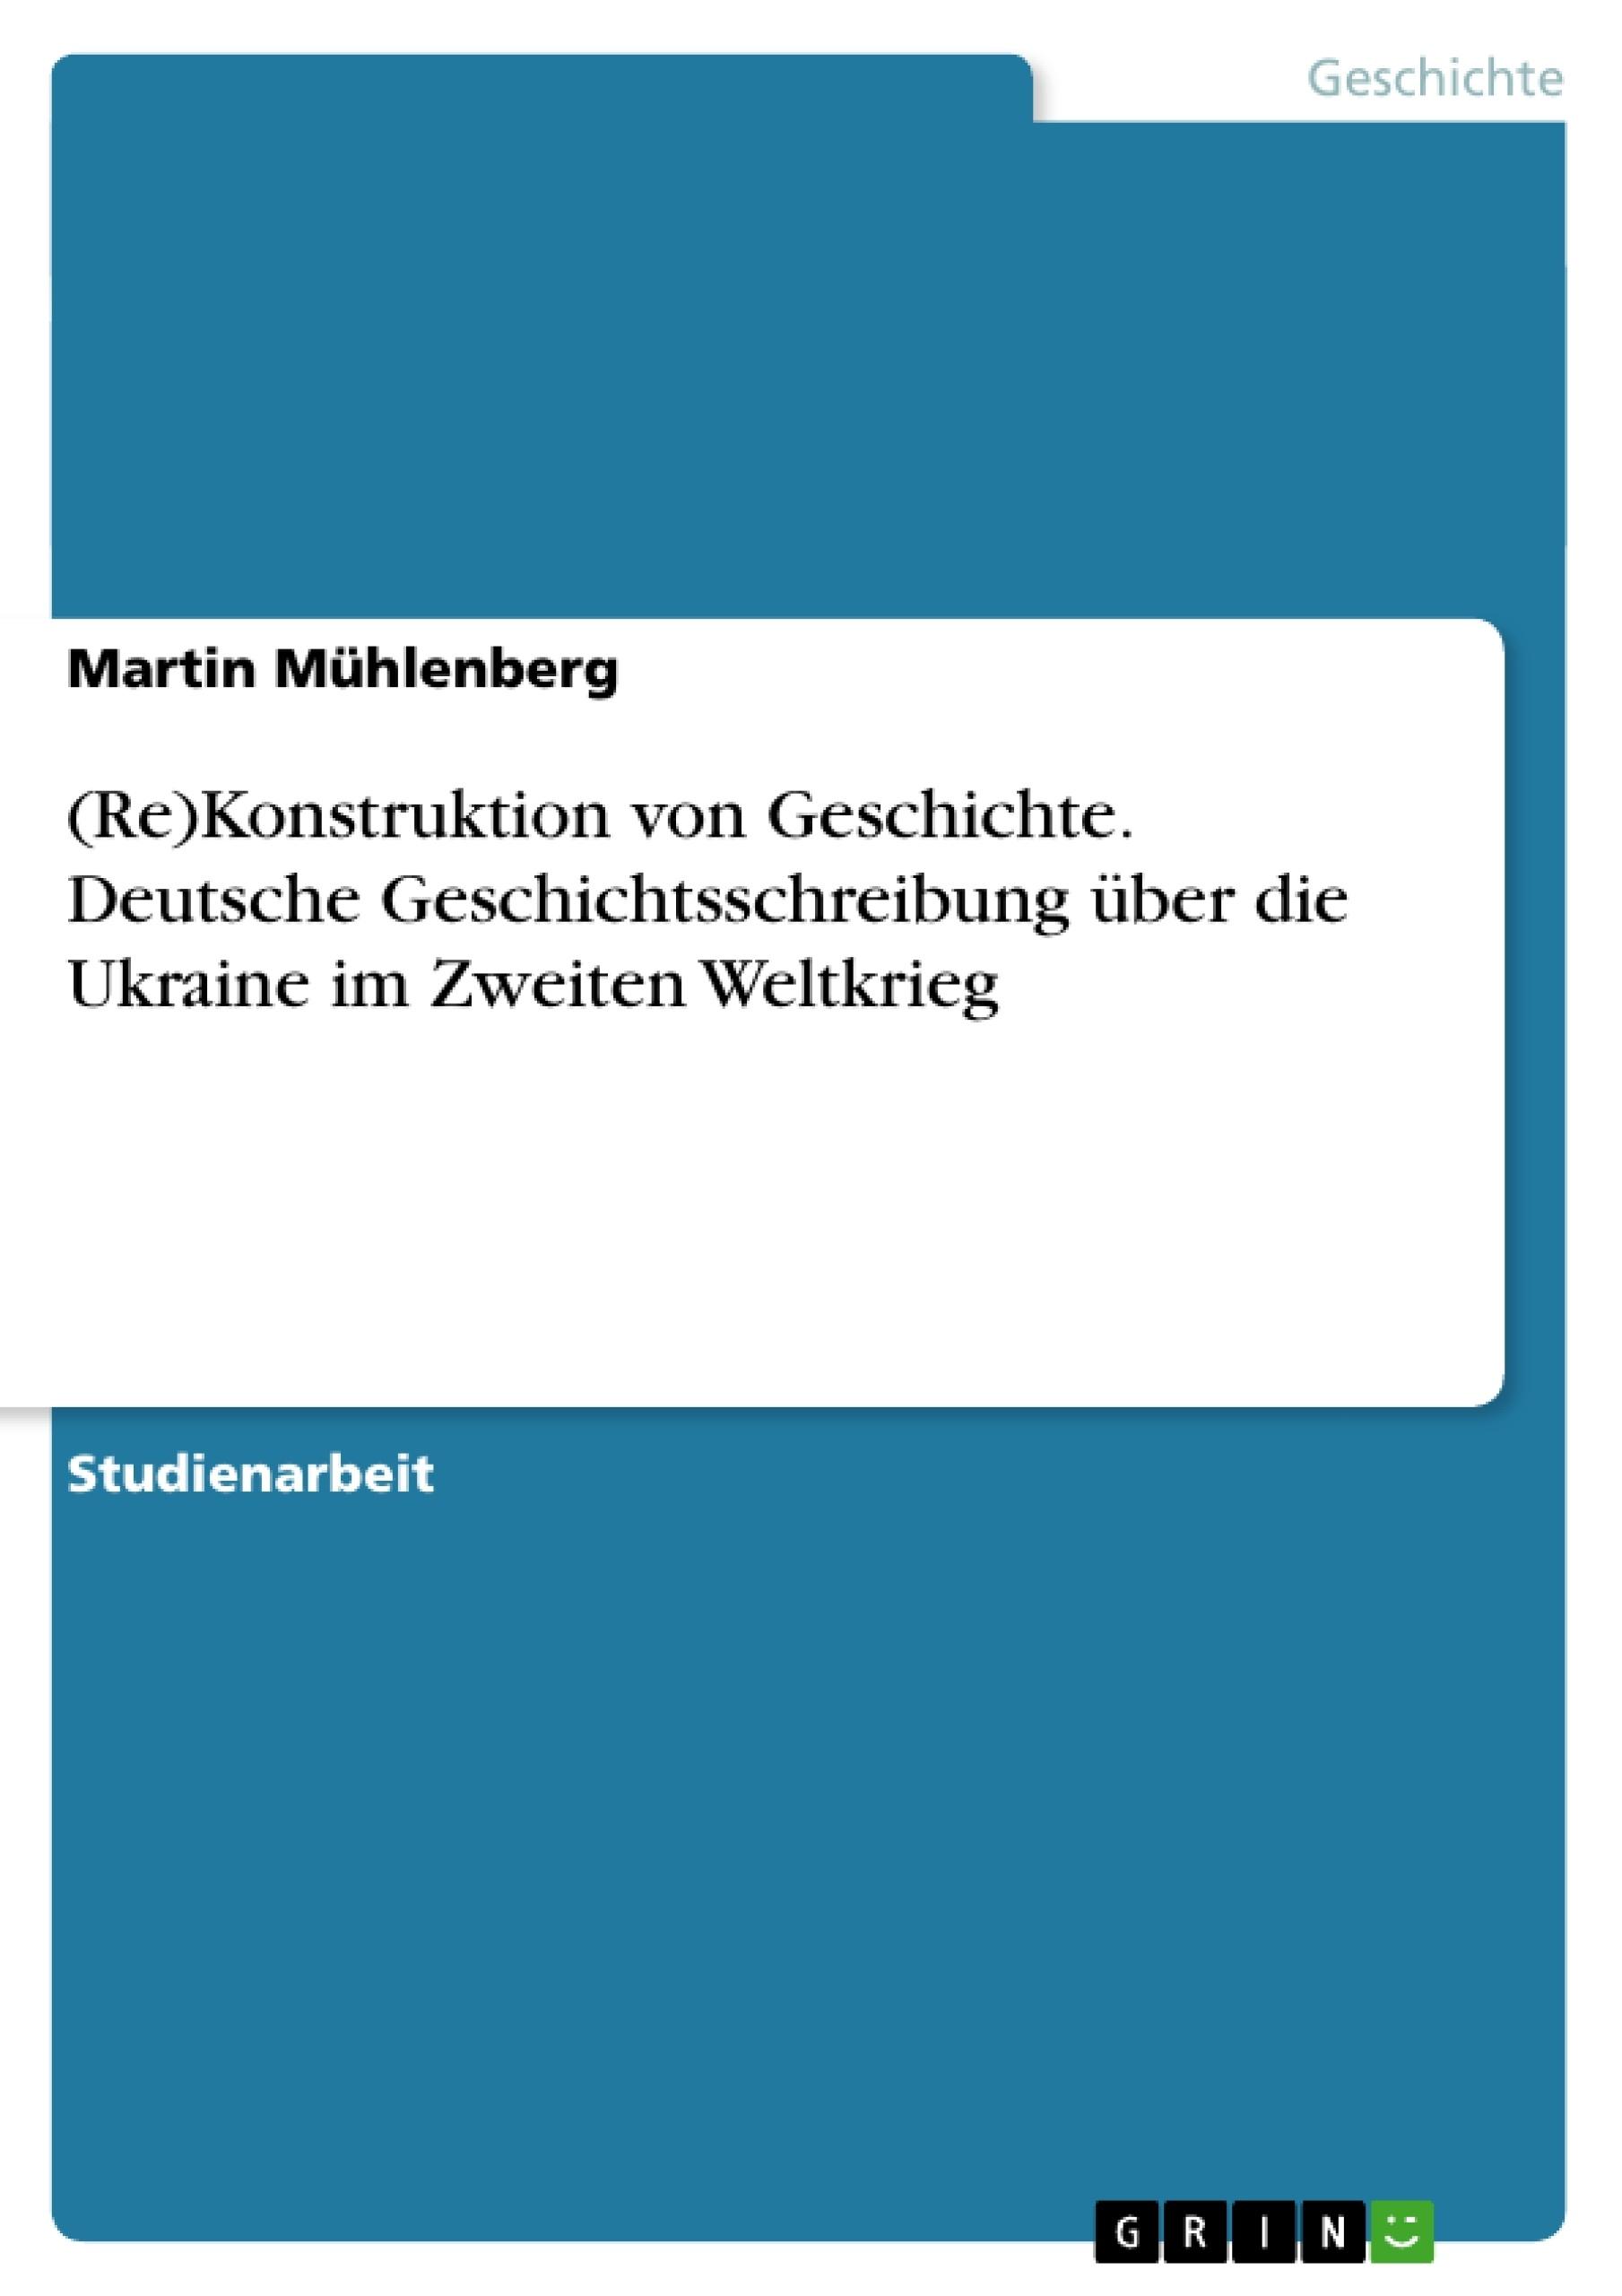 Titel: (Re)Konstruktion von Geschichte. Deutsche Geschichtsschreibung über die Ukraine im Zweiten Weltkrieg